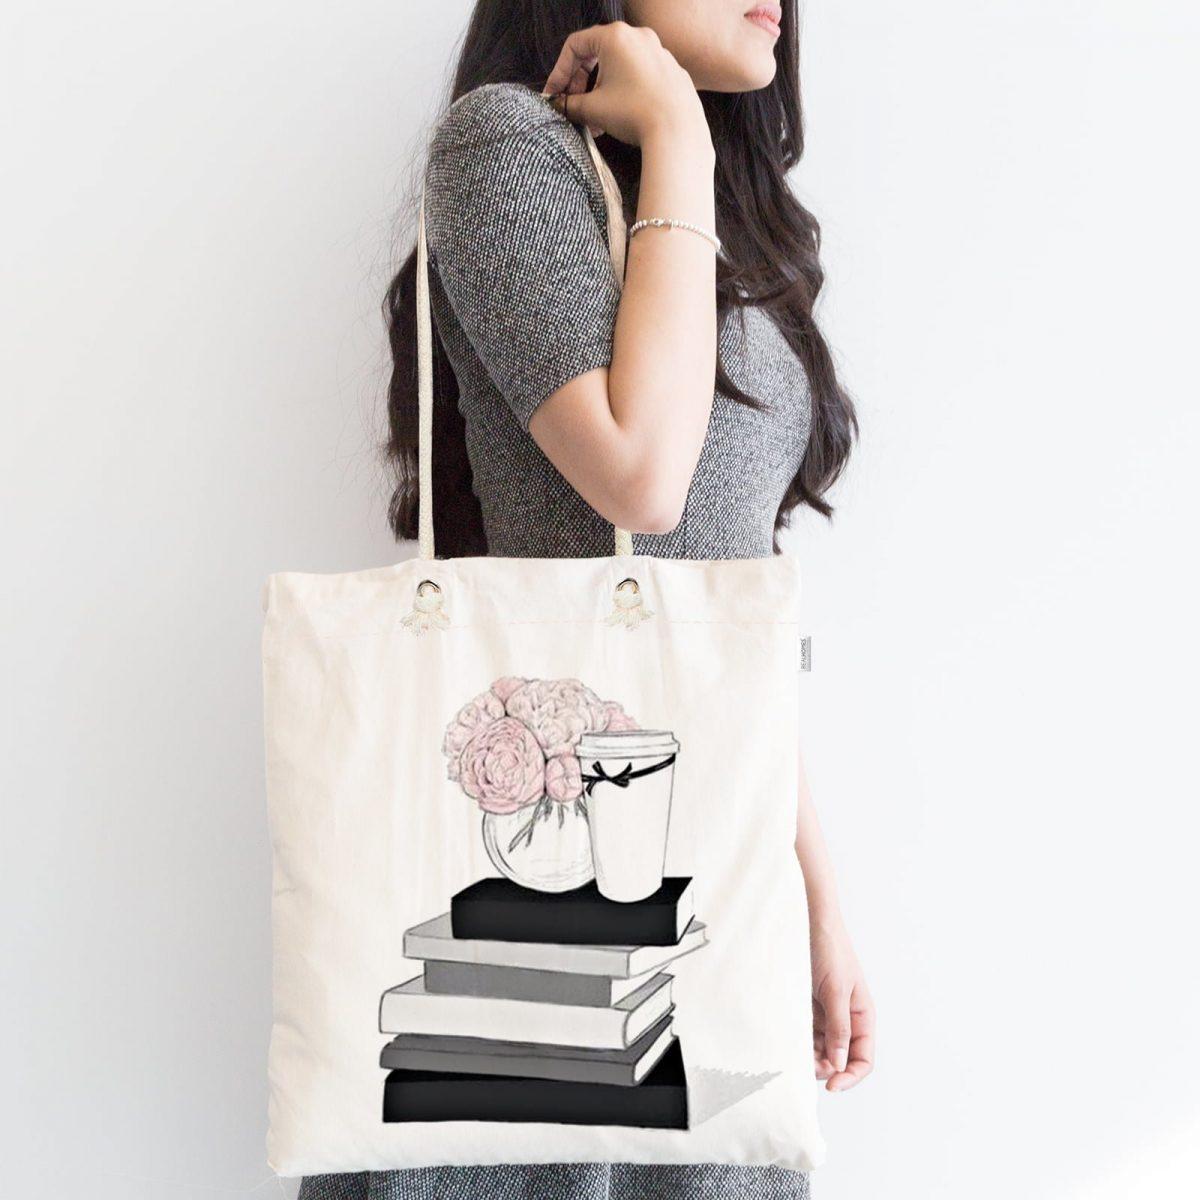 Gül Kitap ve Kahve Tasarımlı Dijital Baskılı Fermuarlı Kumaş Çanta Realhomes